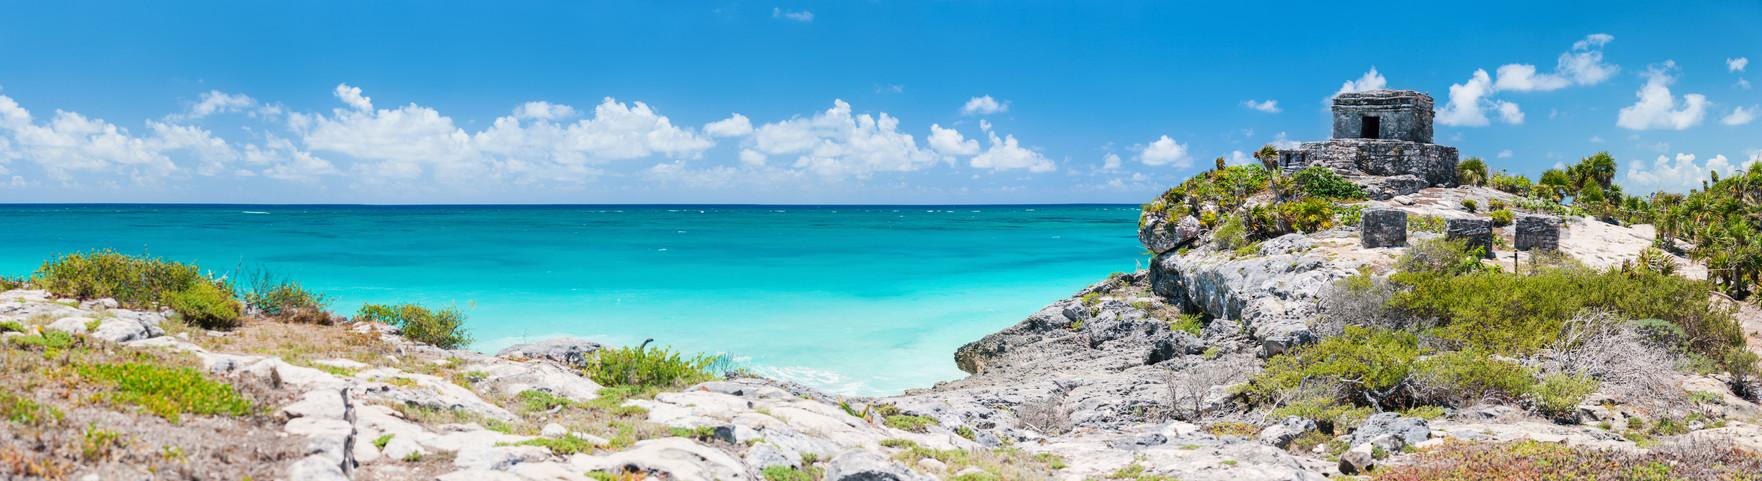 Mexique et découverte de la Riviera Maya.